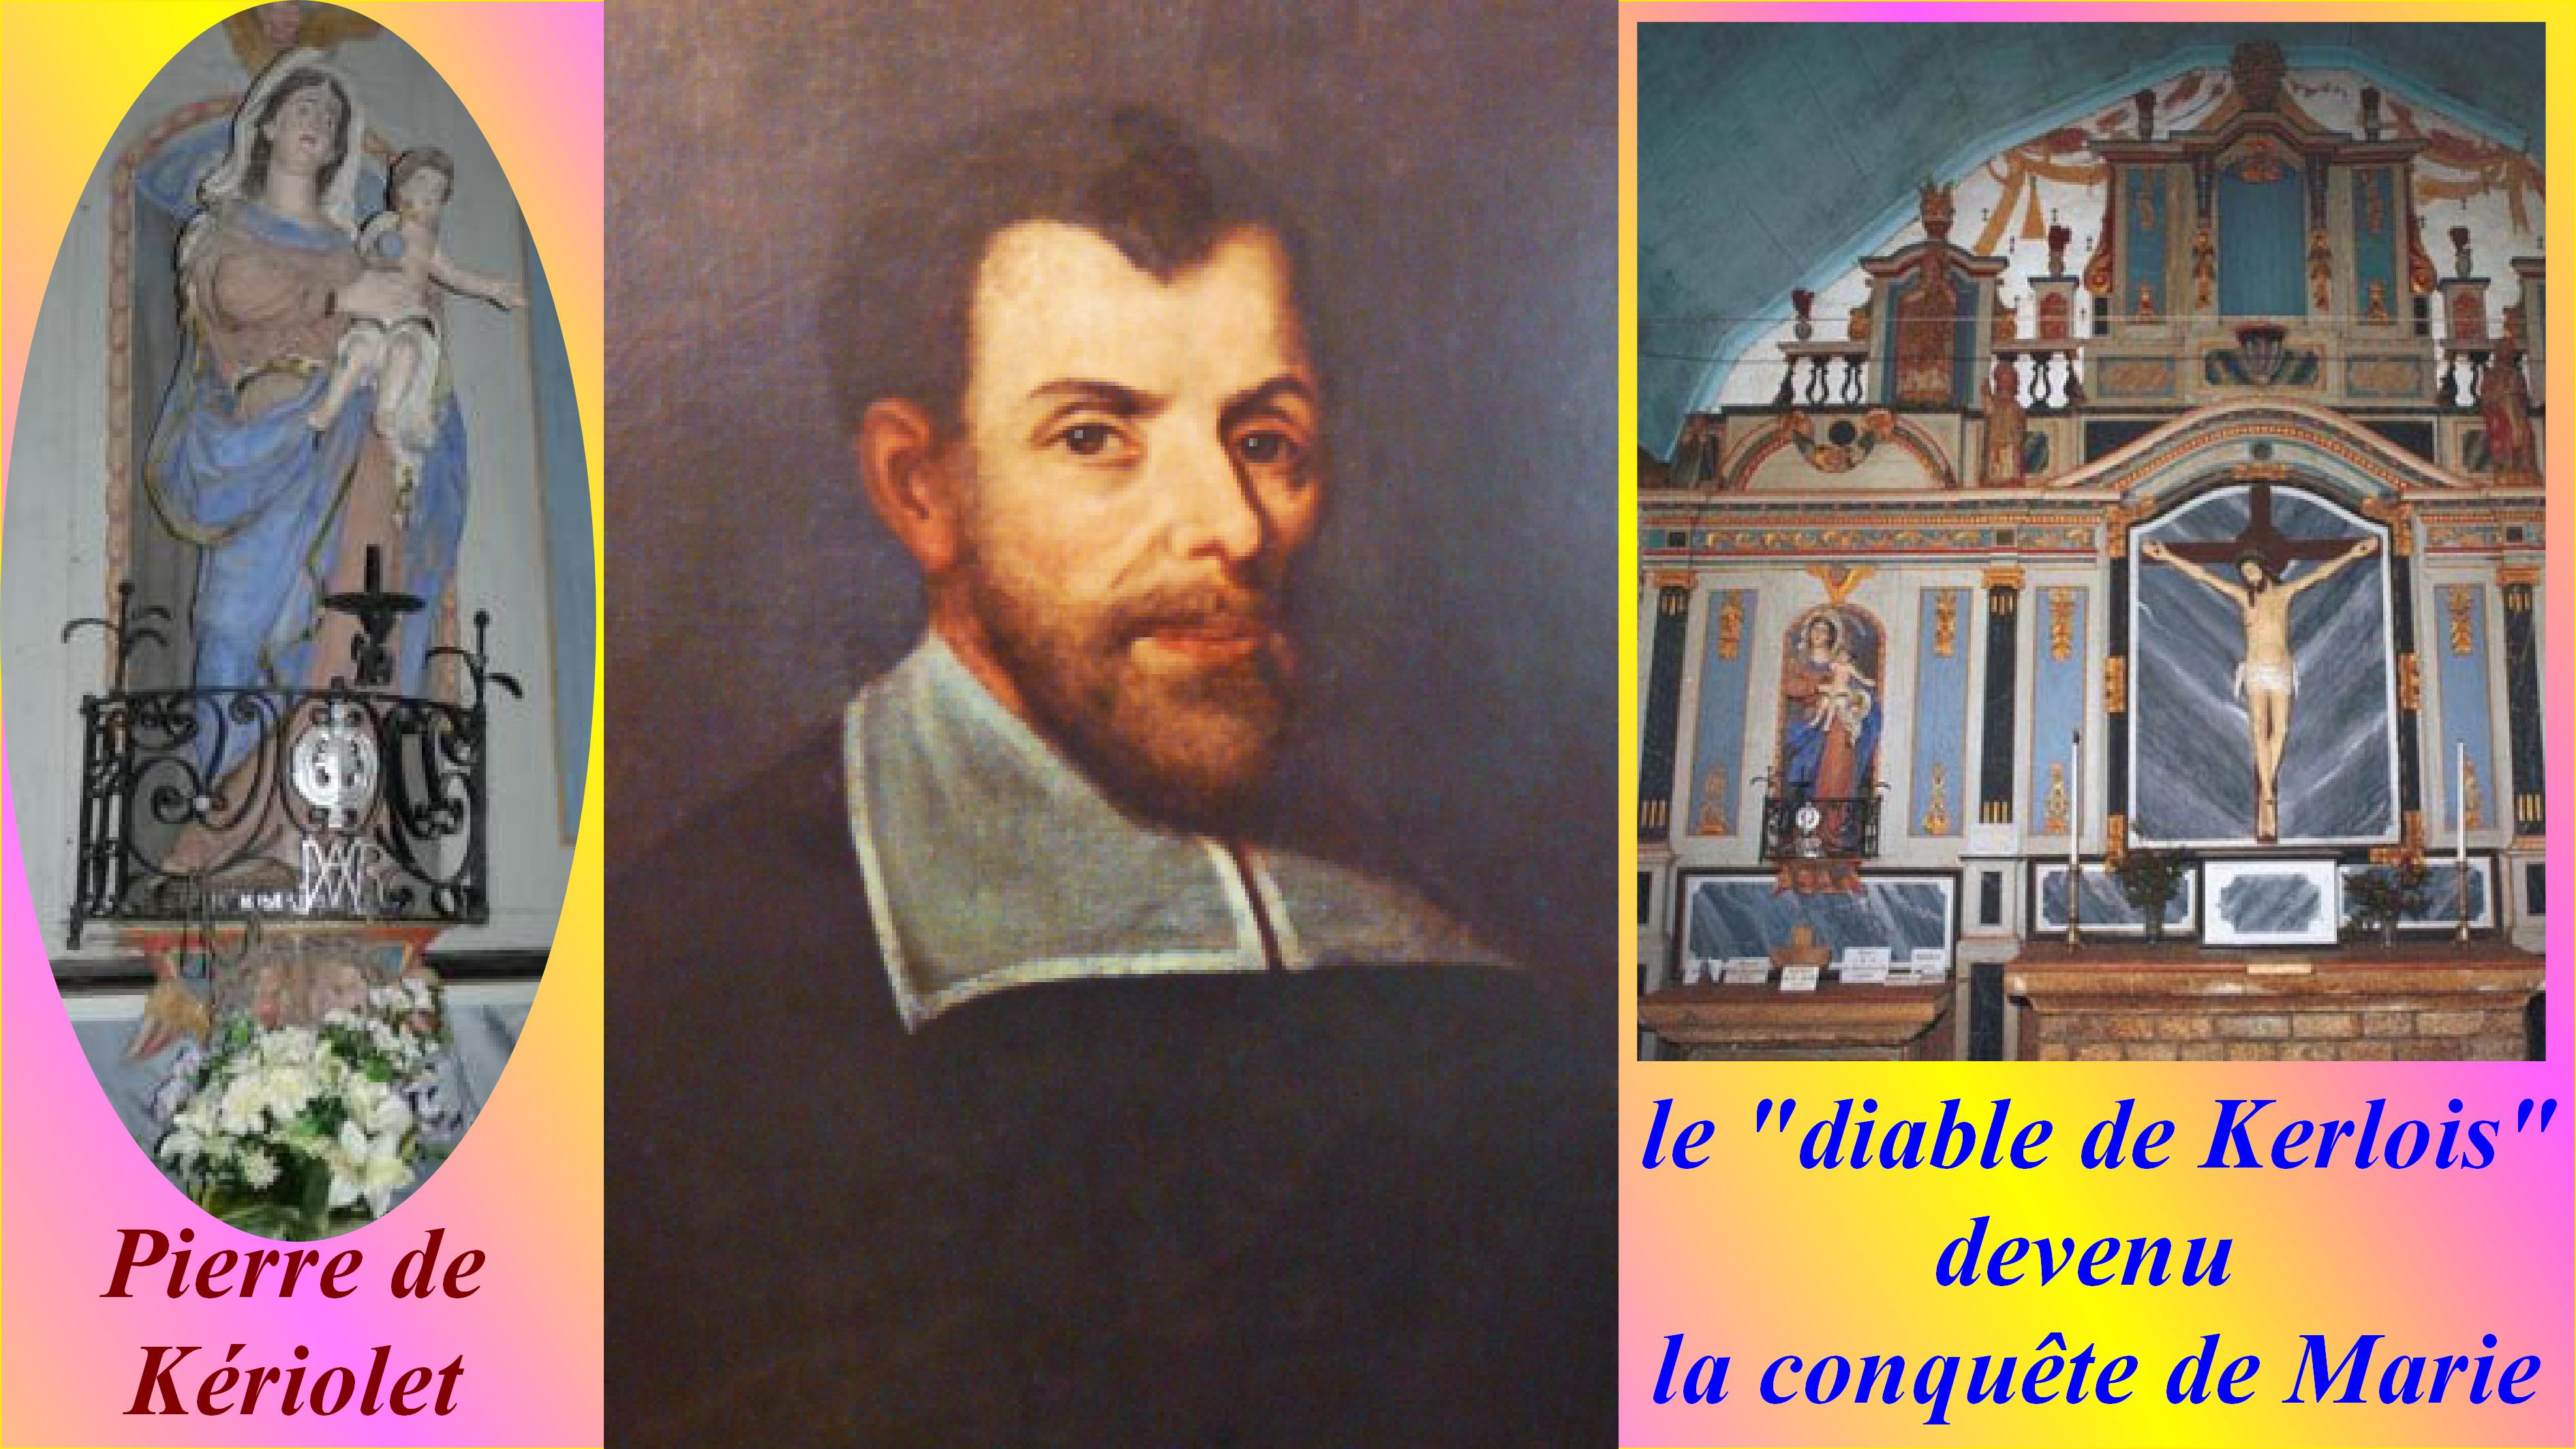 CALENDRIER CATHOLIQUE 2020 (Cantiques, Prières & Images) - Page 2 Pierre-de-k-riole...-ricorde-56f4e62